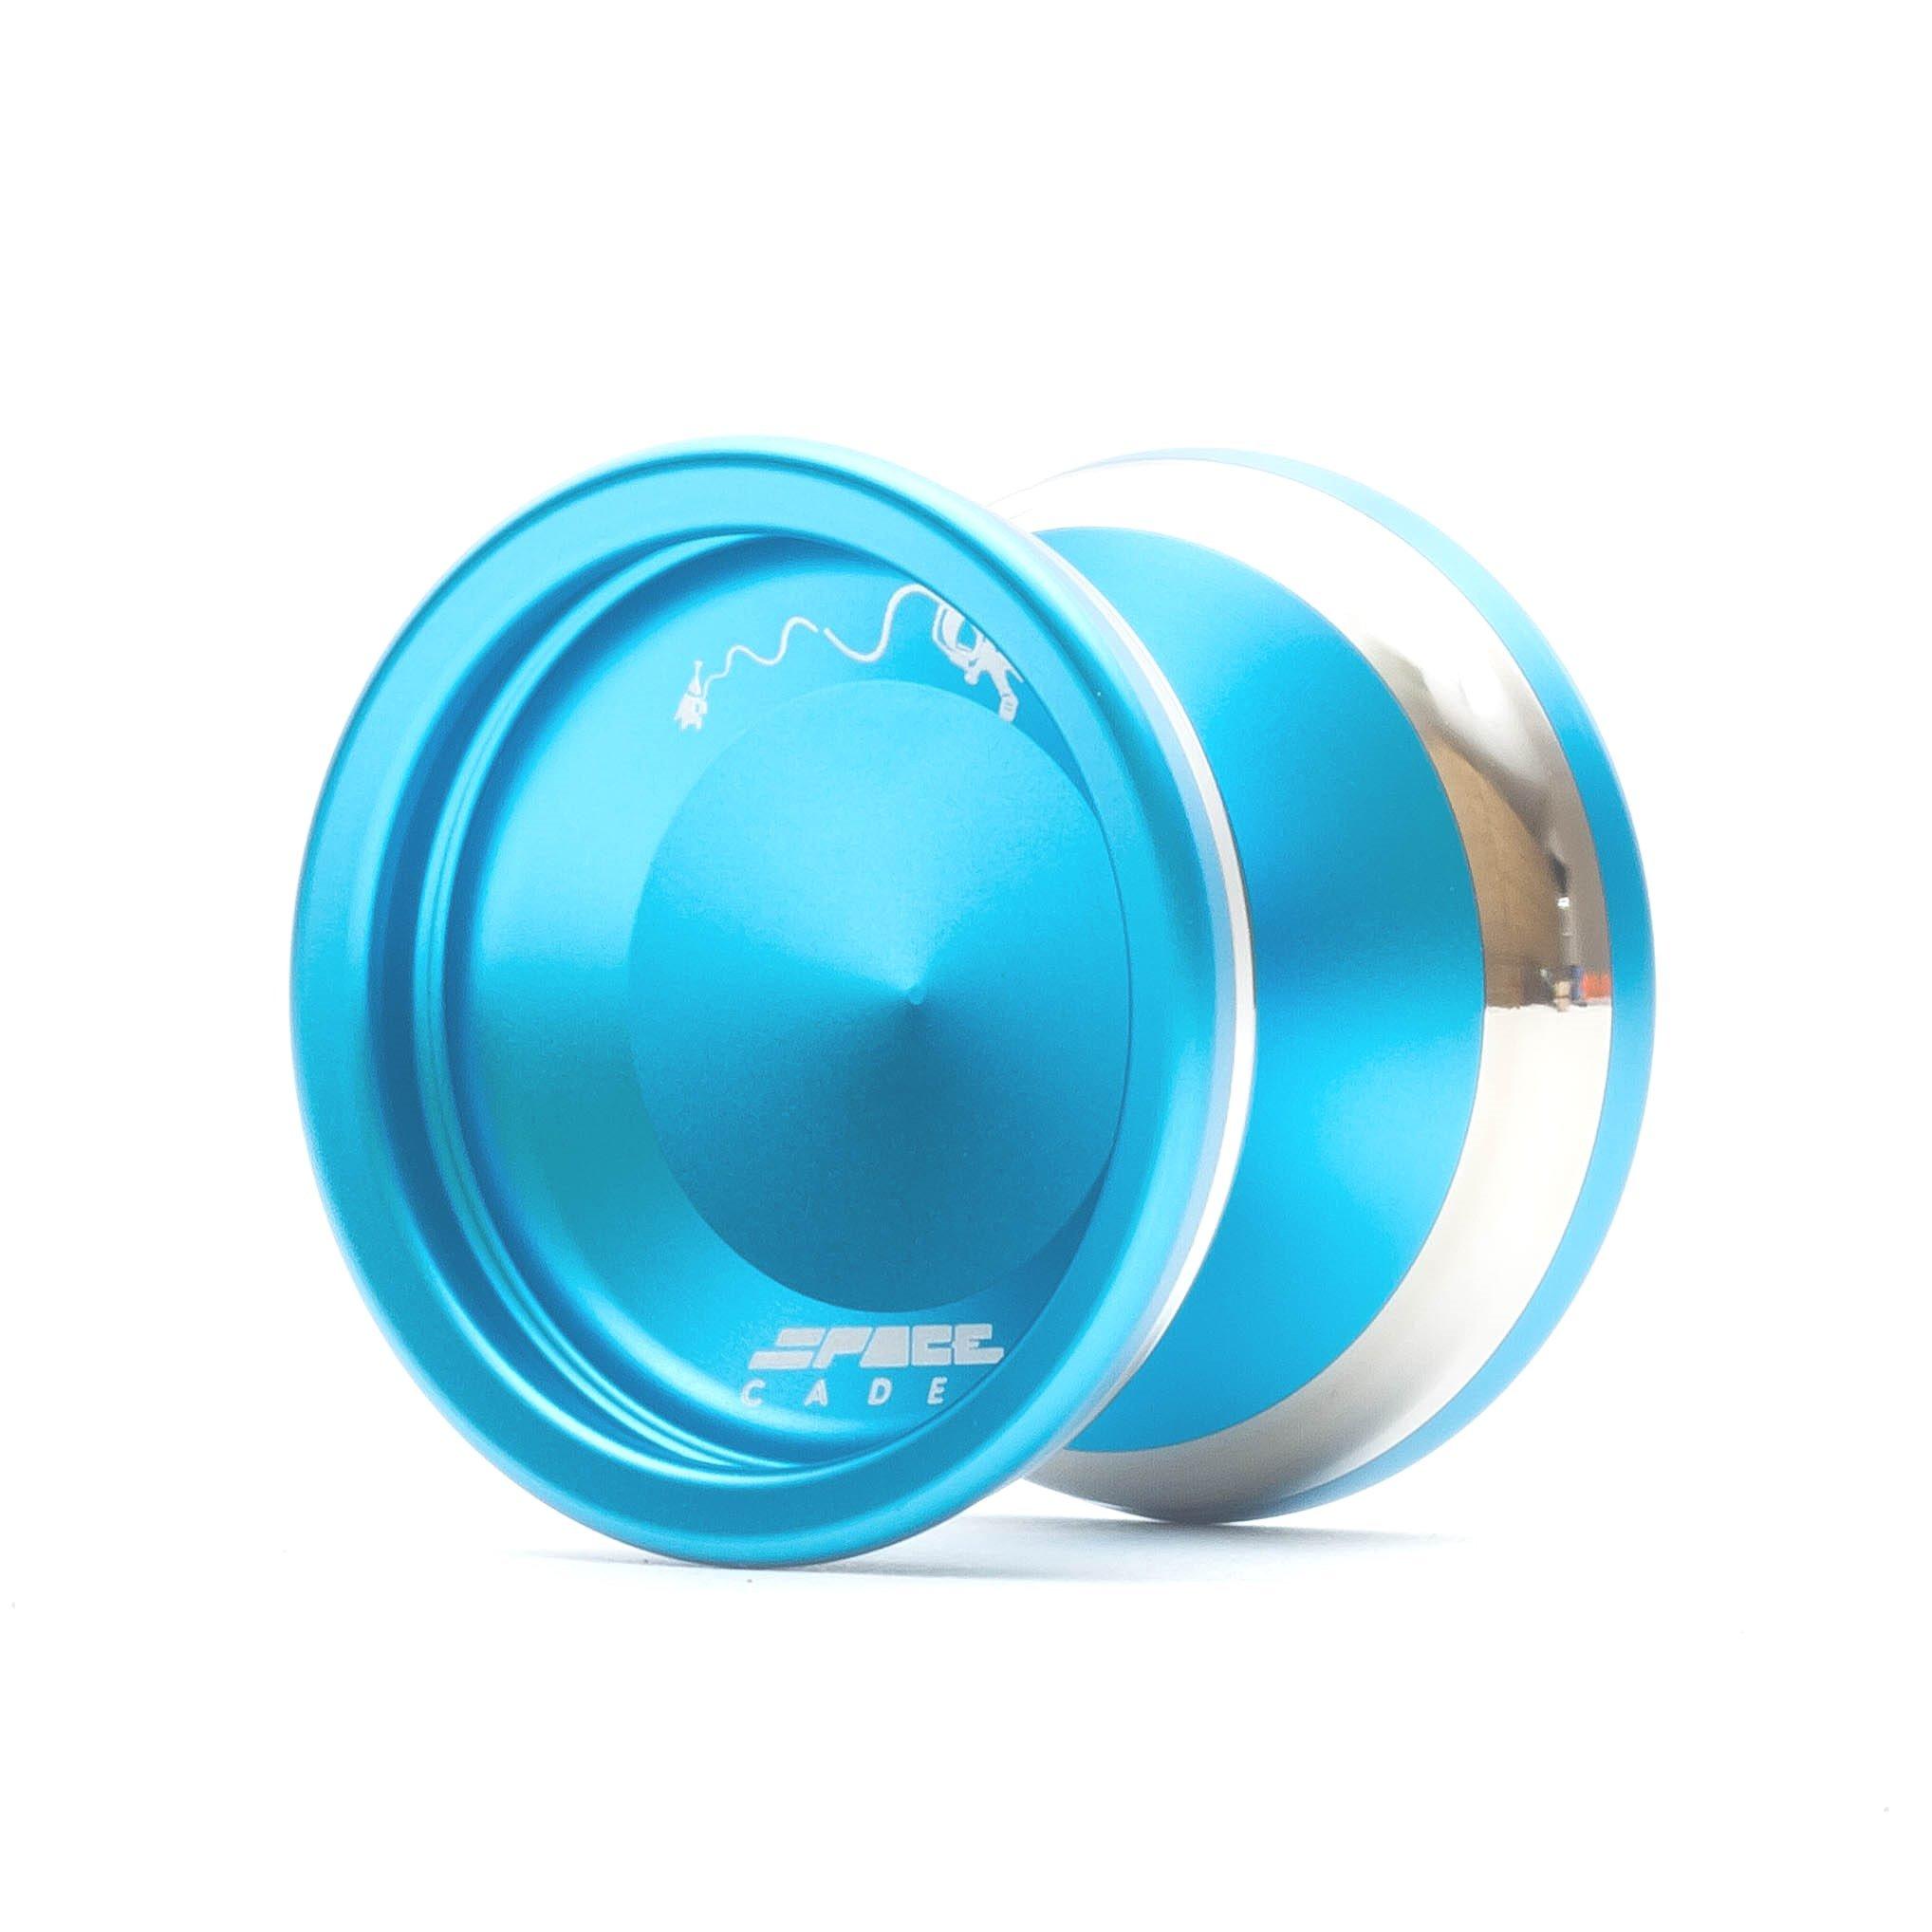 YoYoFactory Space Cadet Bimetal Unresponsive YoYo - Color : Aqua